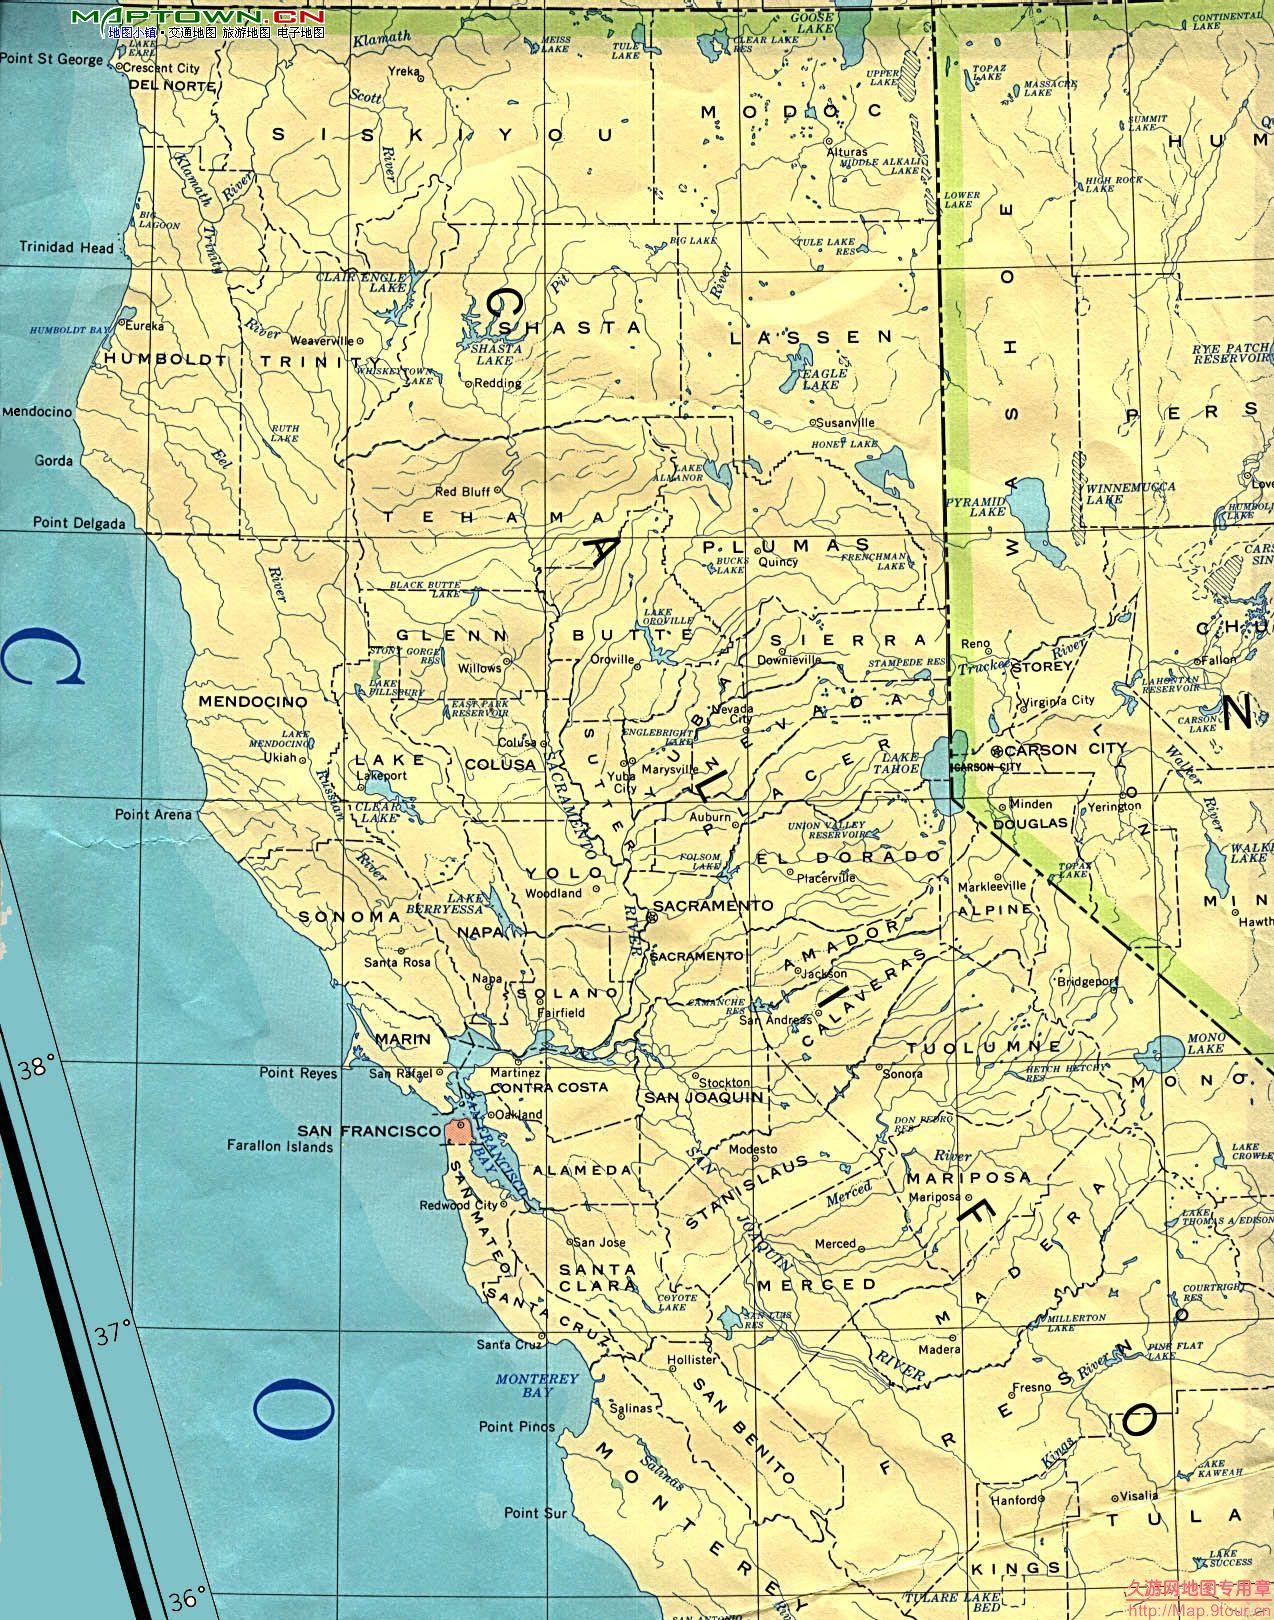 北美洲(North America): 美国加利福尼亚州(CA California)地图和经维度 - astrojina - AstroJina的星座世界